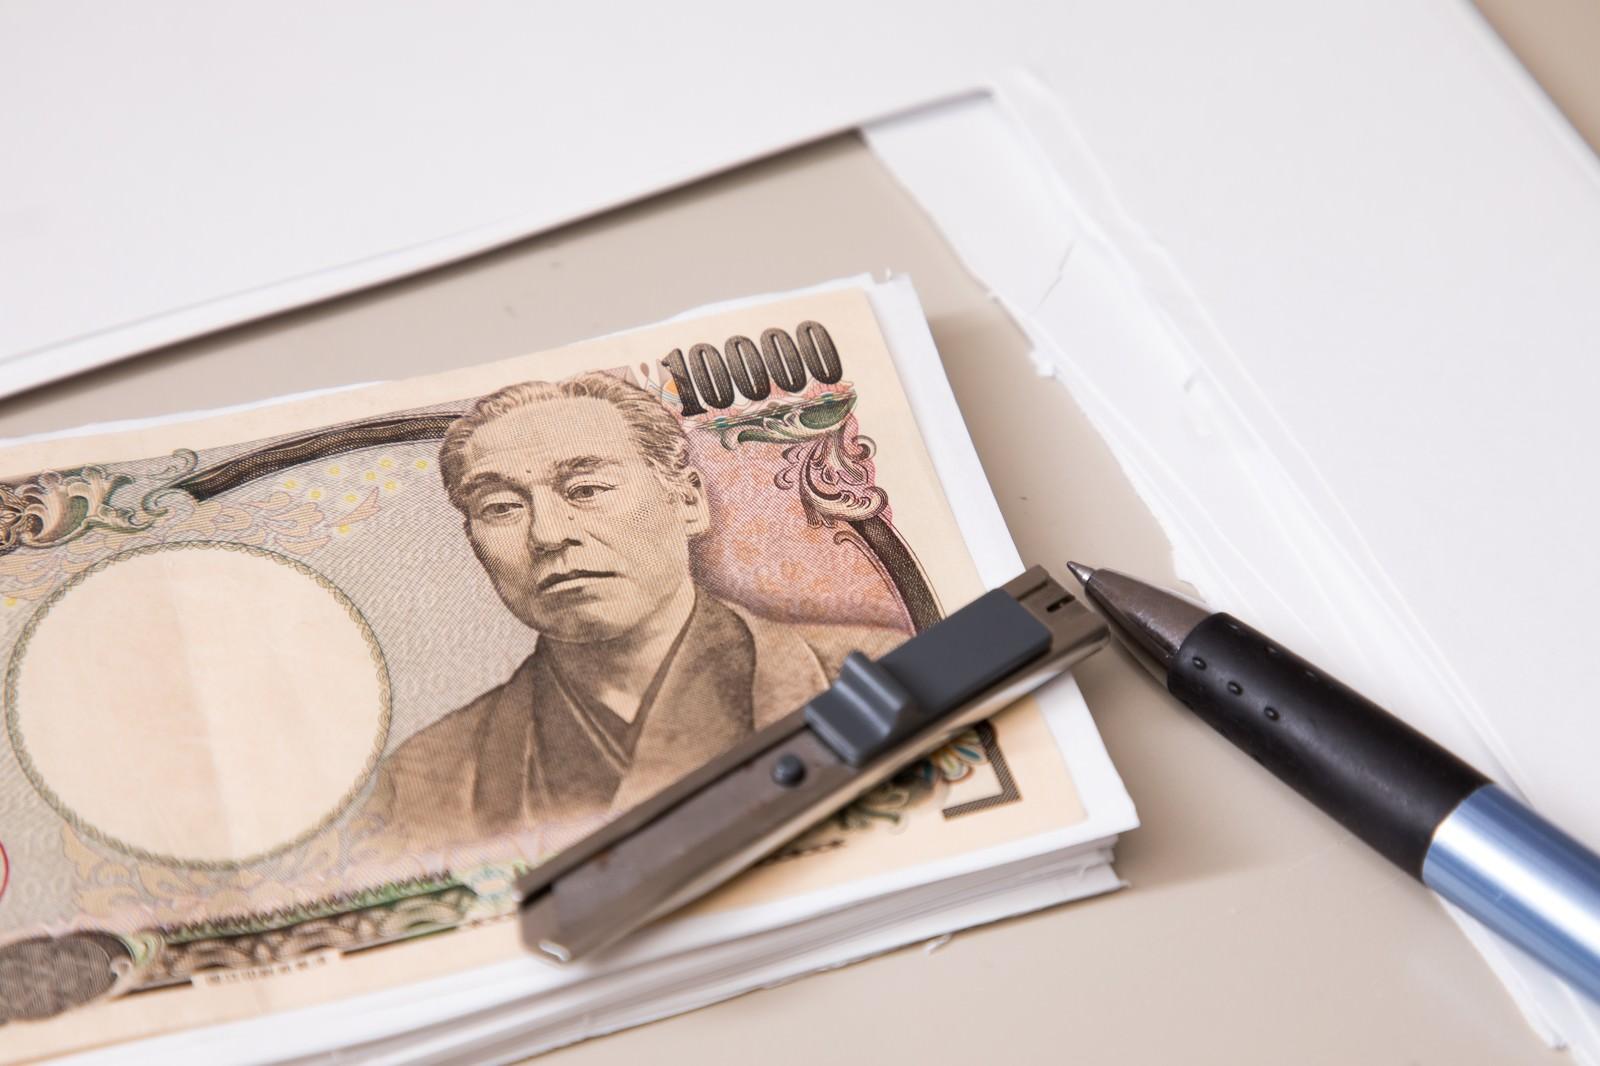 「紙幣(一万円)と同じ大きさにカットできました。」の写真